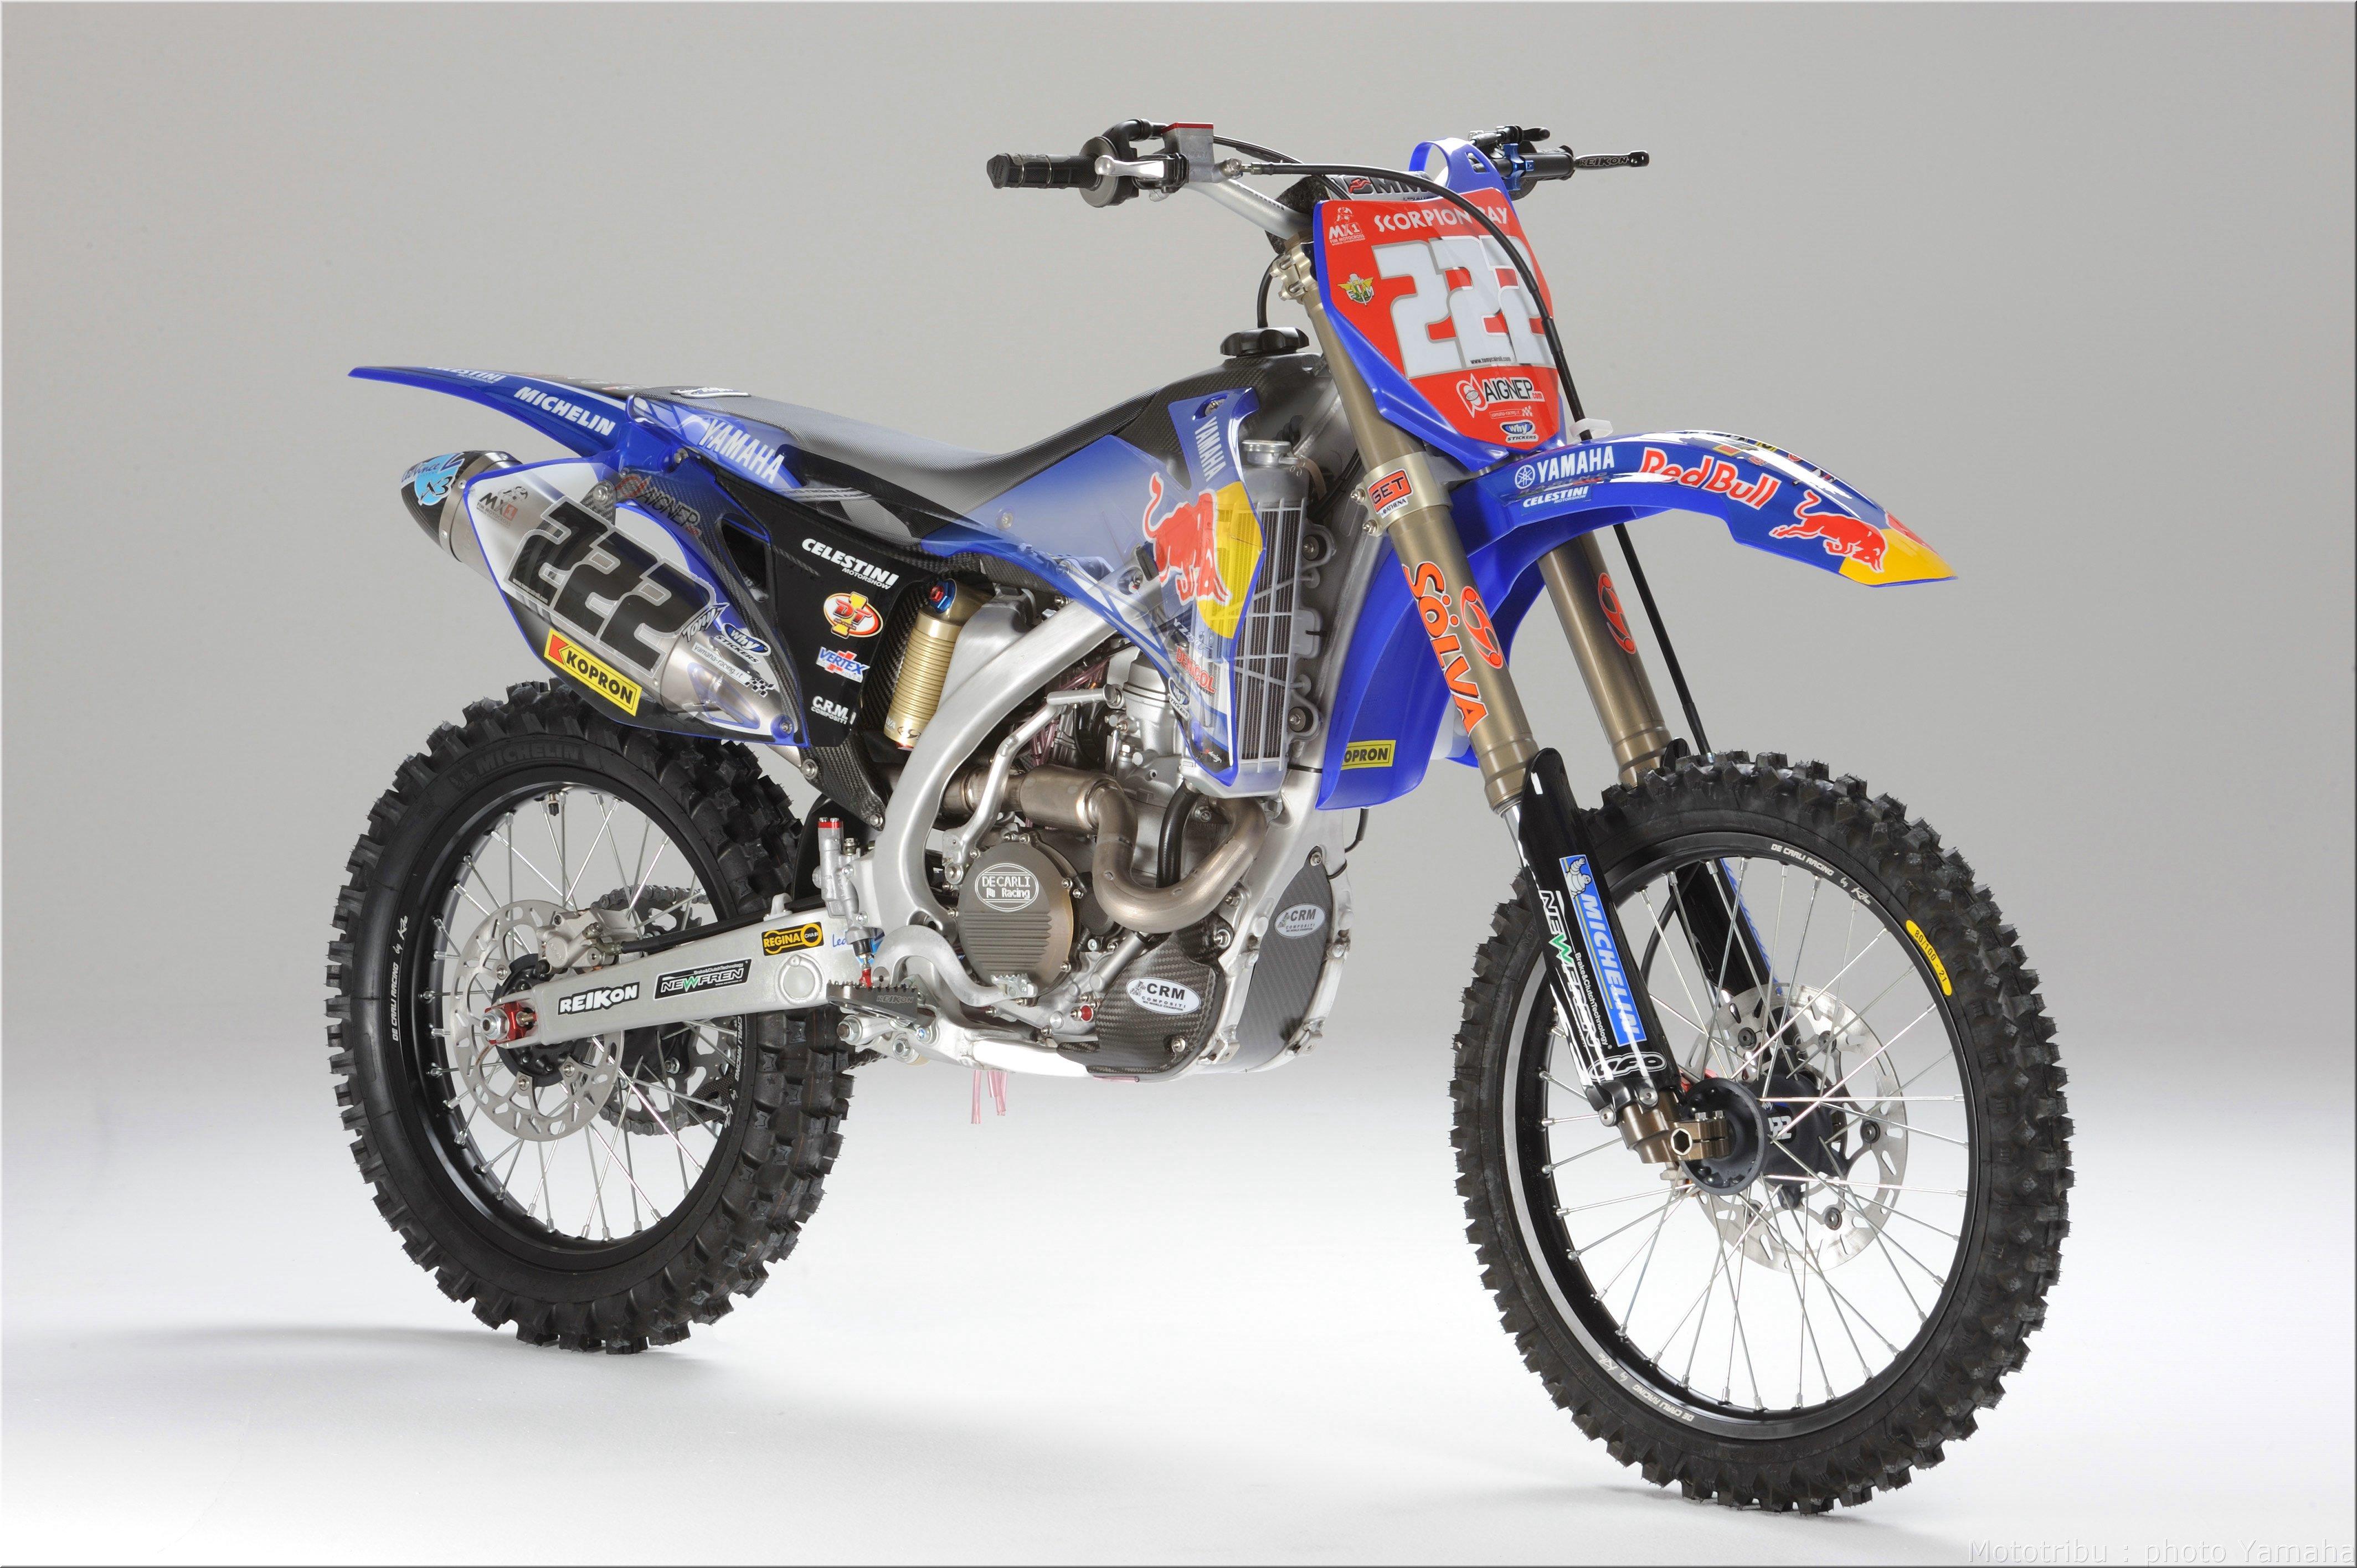 Mototribu : Yamaha YZ 250 F 2008